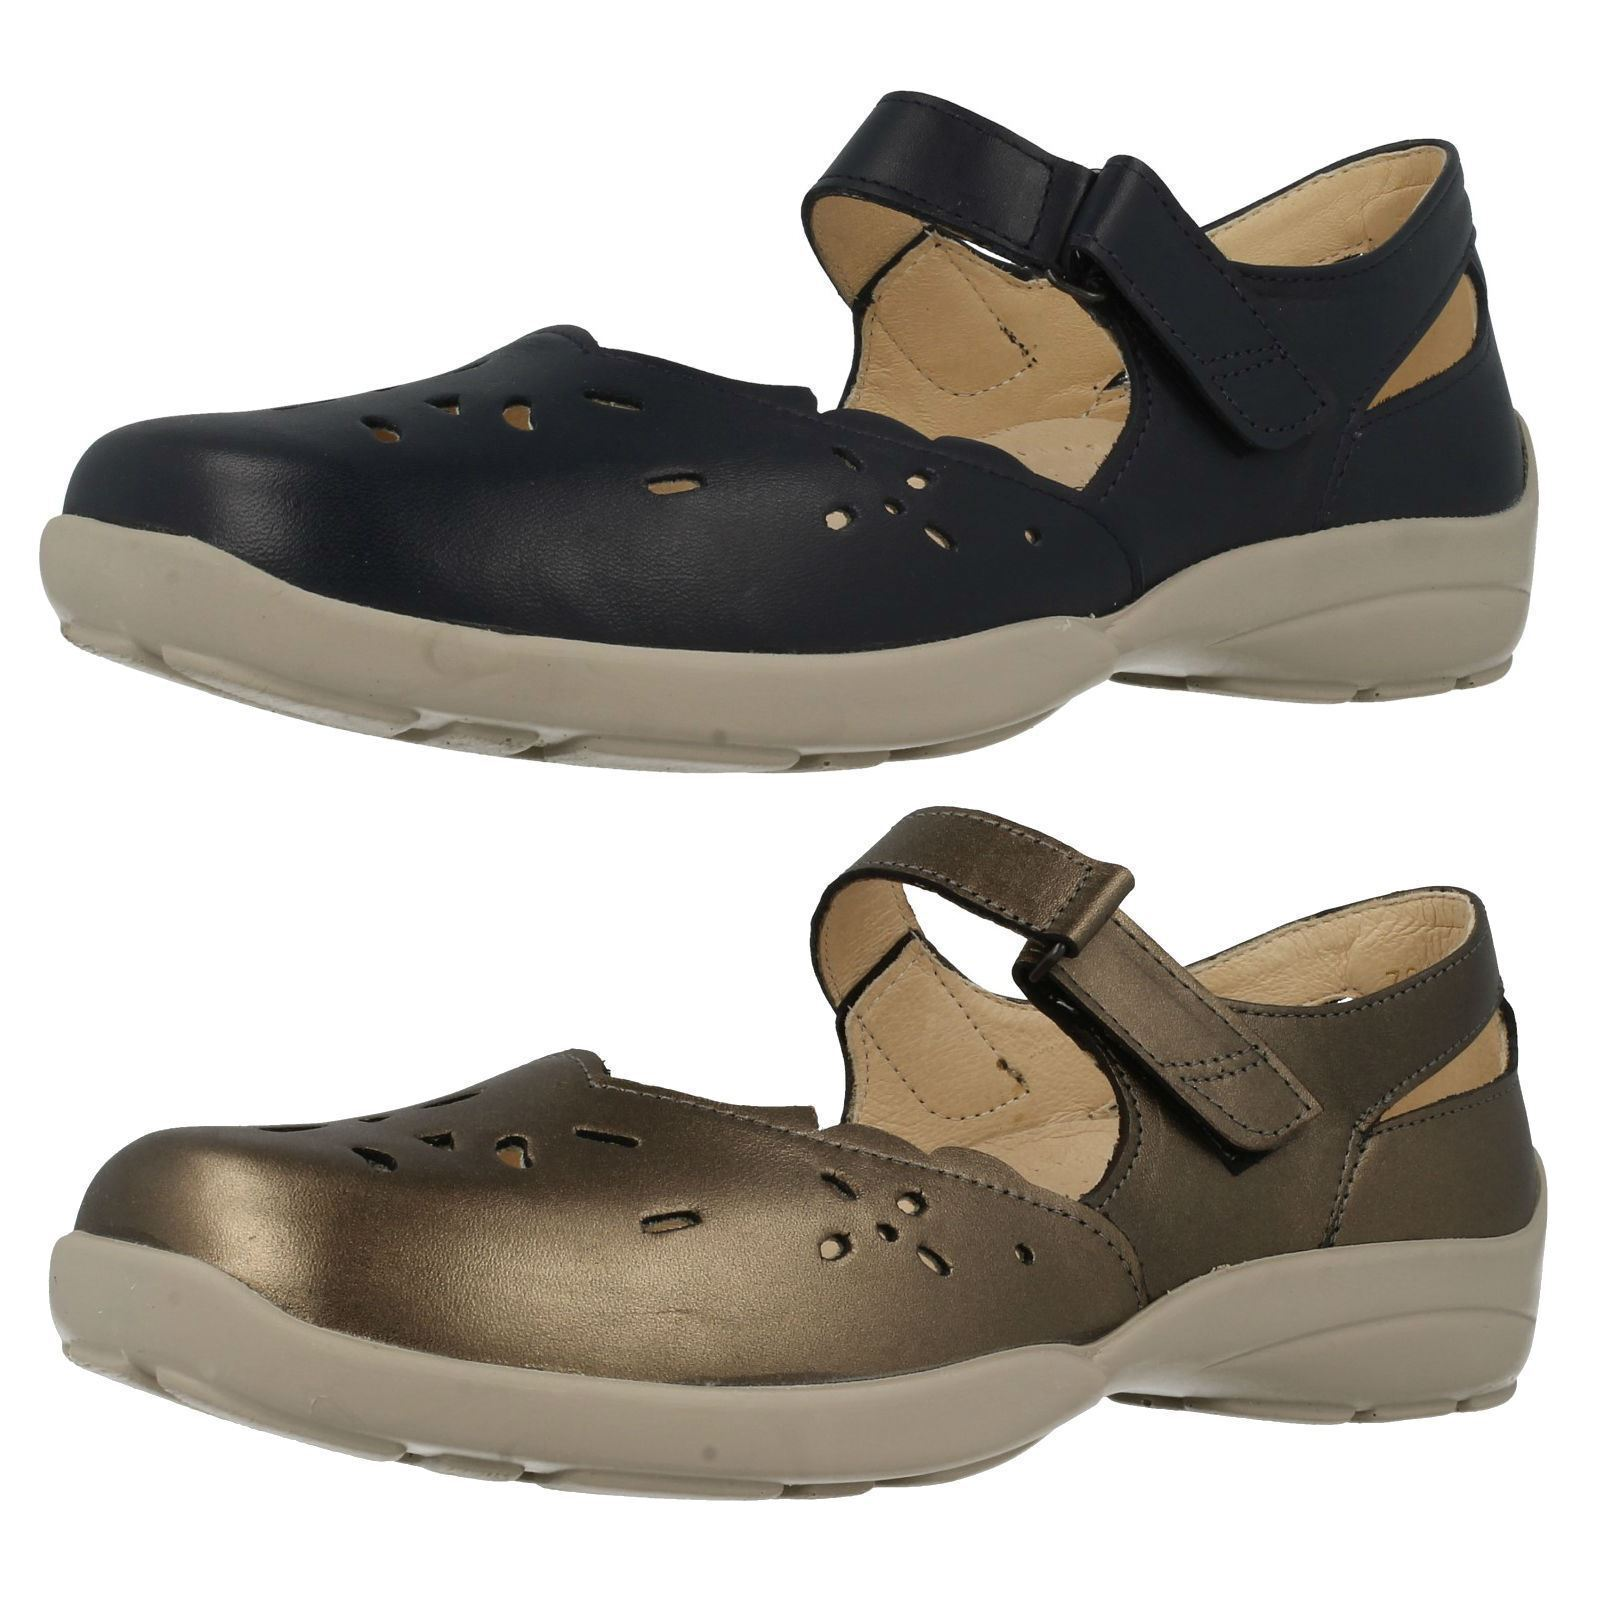 Señoras 79392 Erin Azul Marino Y Peltre ee-4e ee-4e ee-4e Wide Fit Zapatos por DB fácil B  minoristas en línea